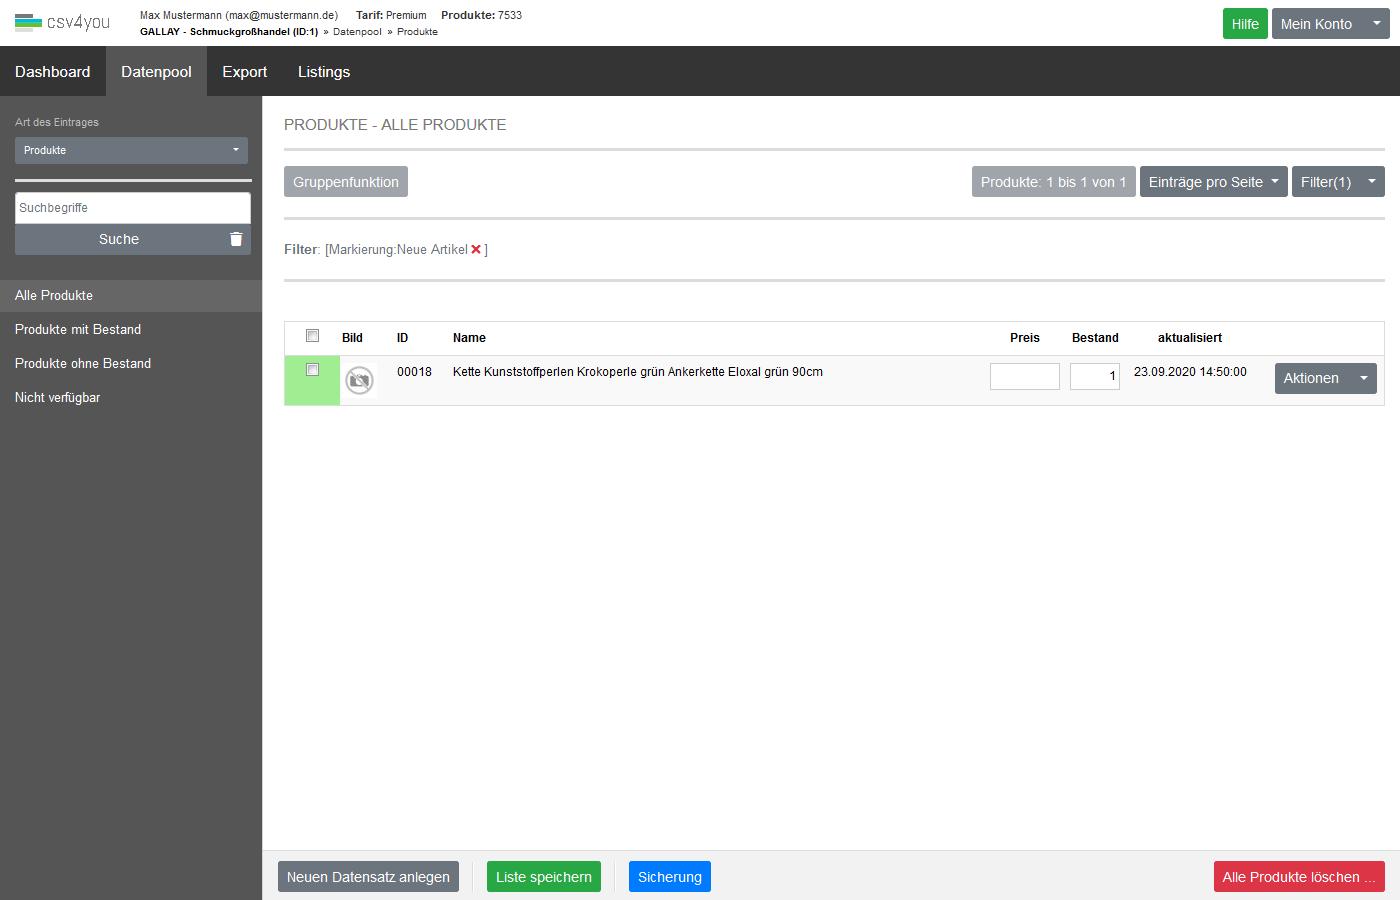 Datenquellen - Verwaltung - Markierungsverwaltung